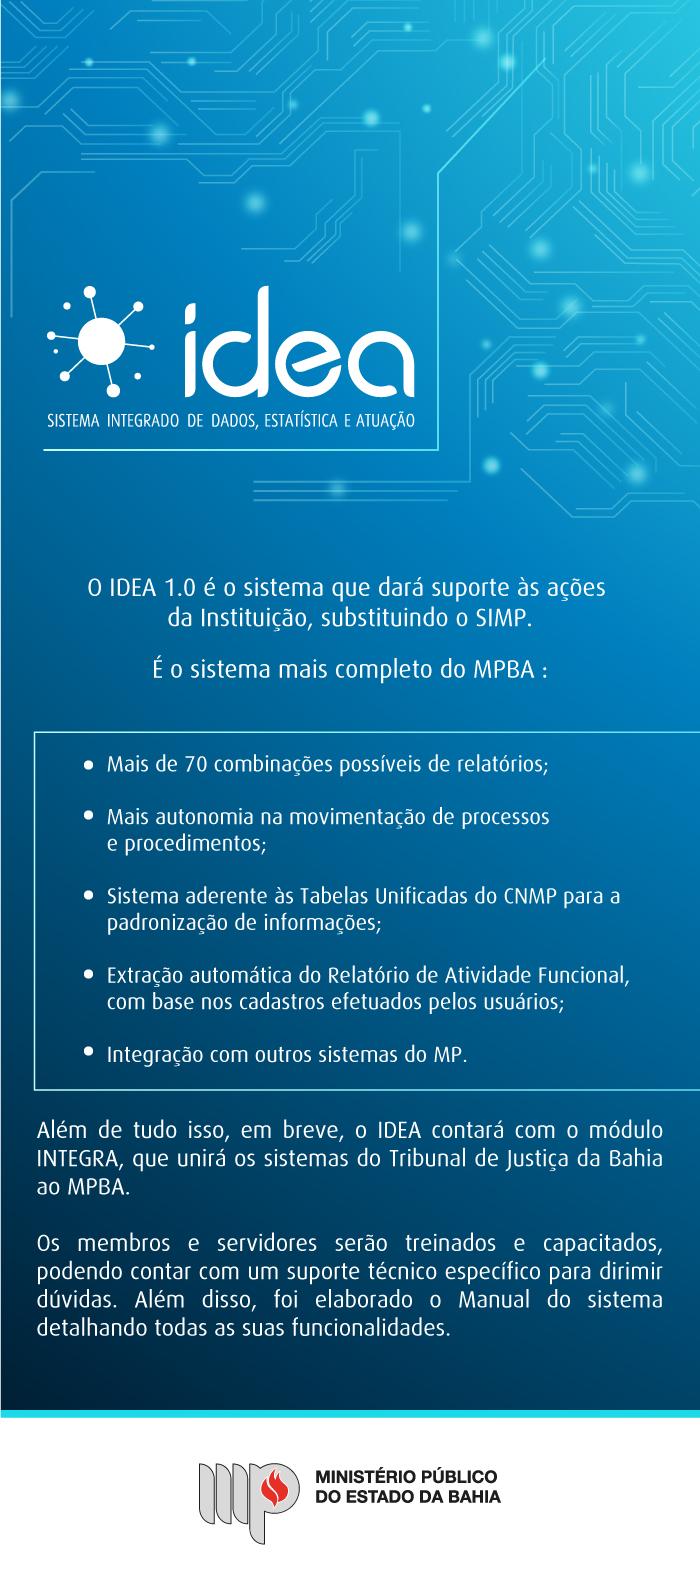 infomail-idea_aguarde